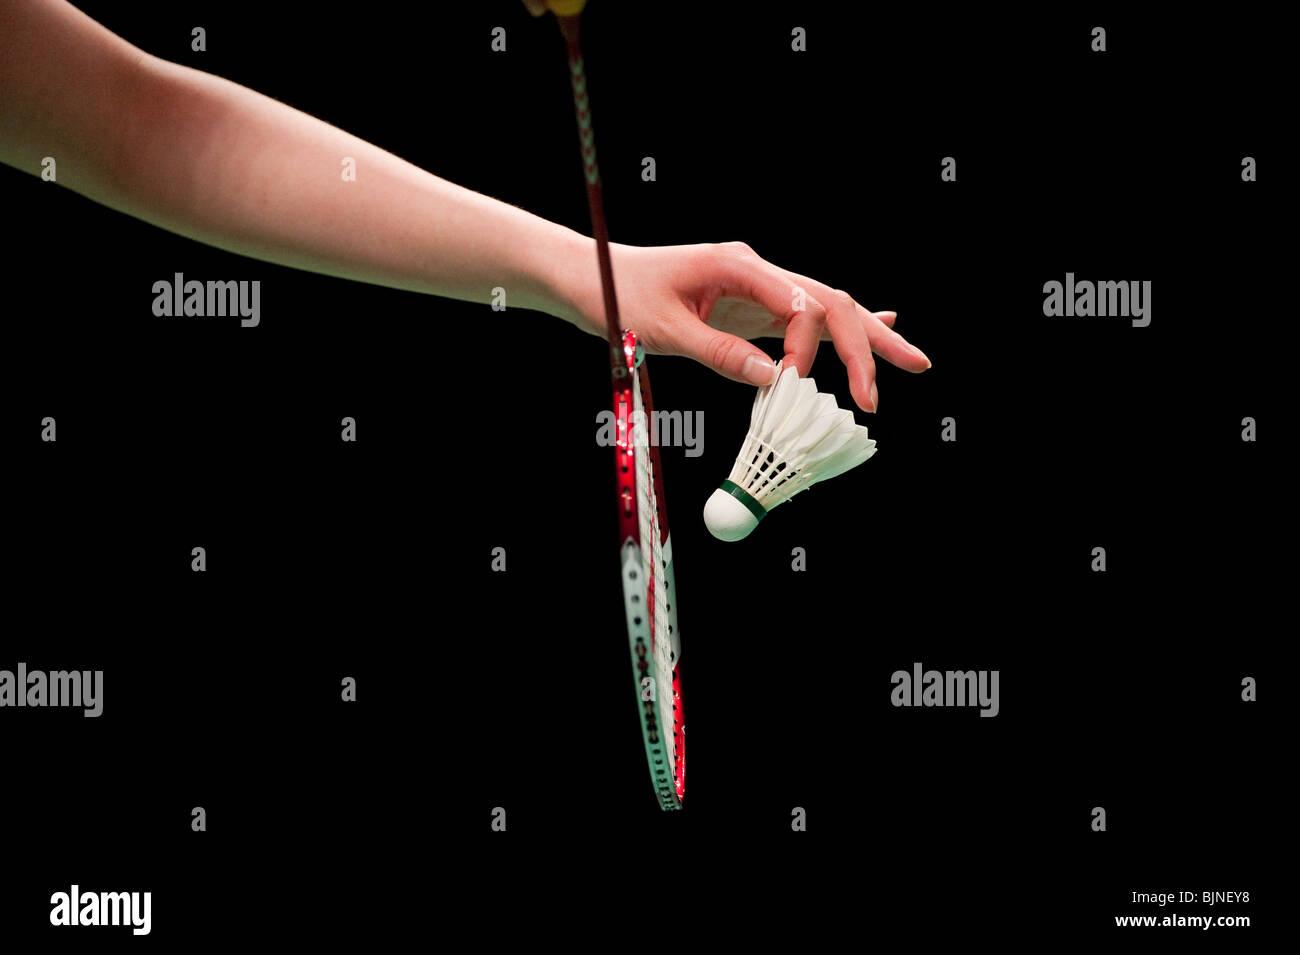 Un giocatore di badminton si prepara a servire un volano Immagini Stock